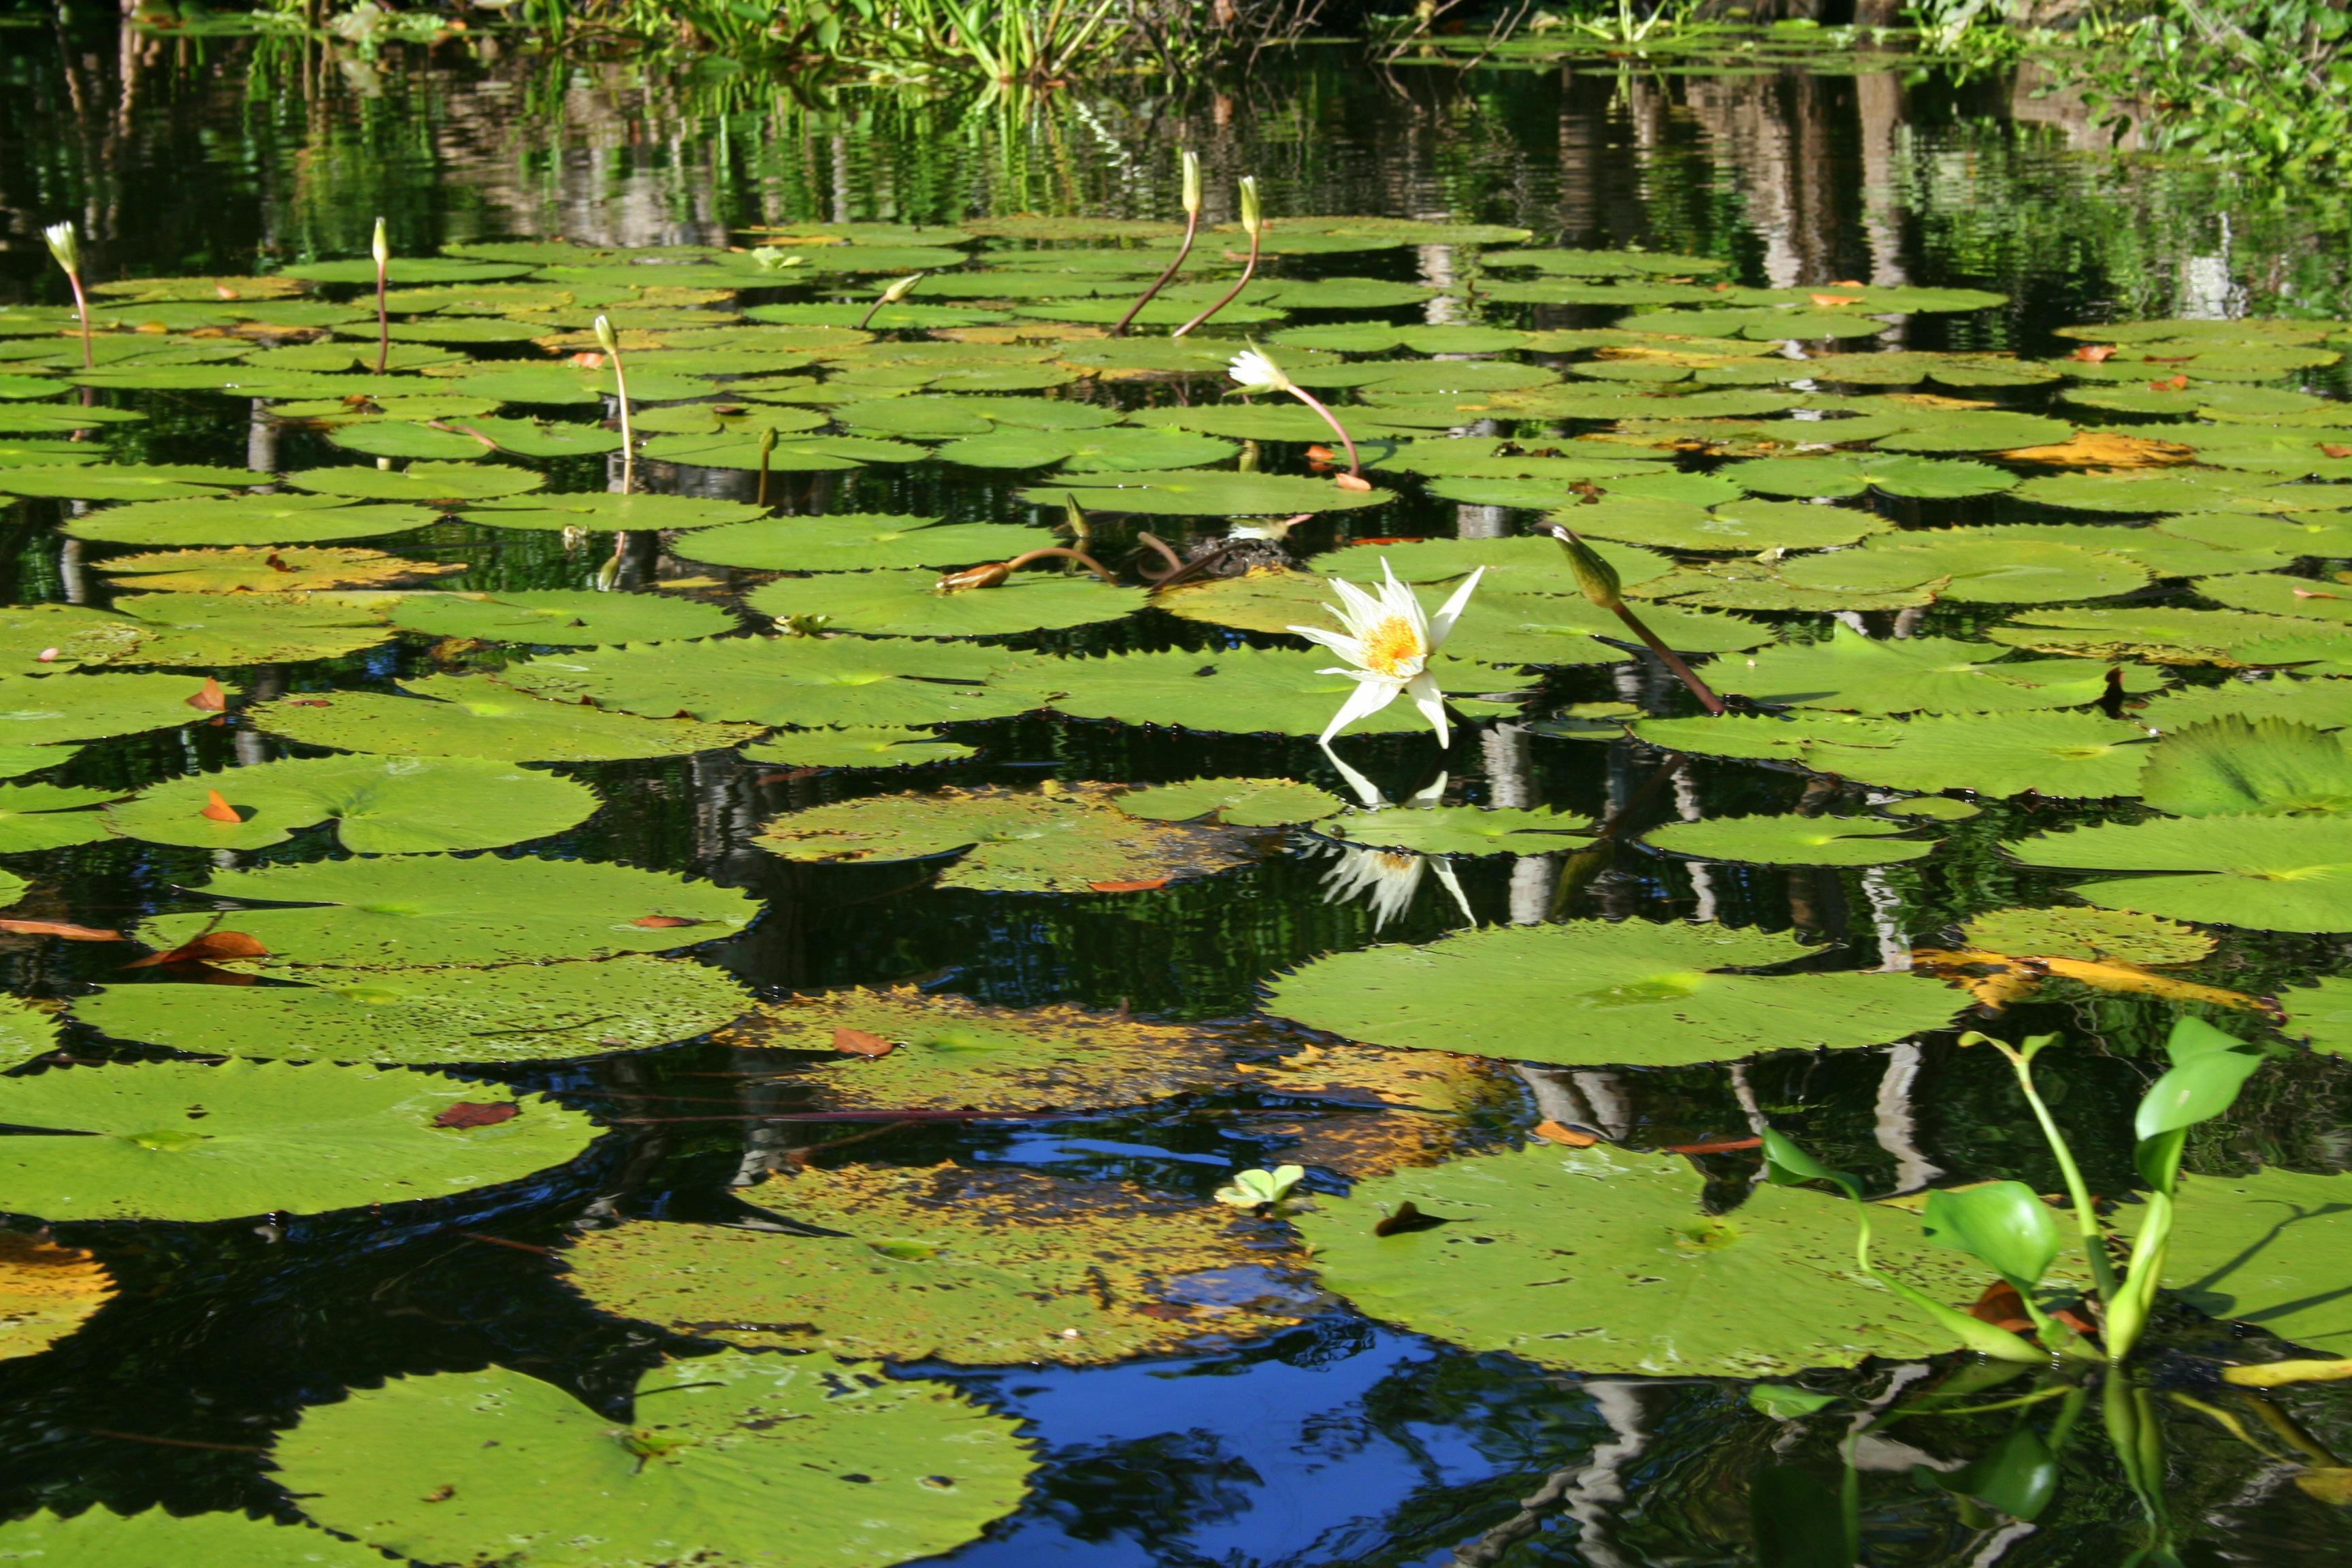 הרצאות מסע - חבצלות מים בגואטמלה